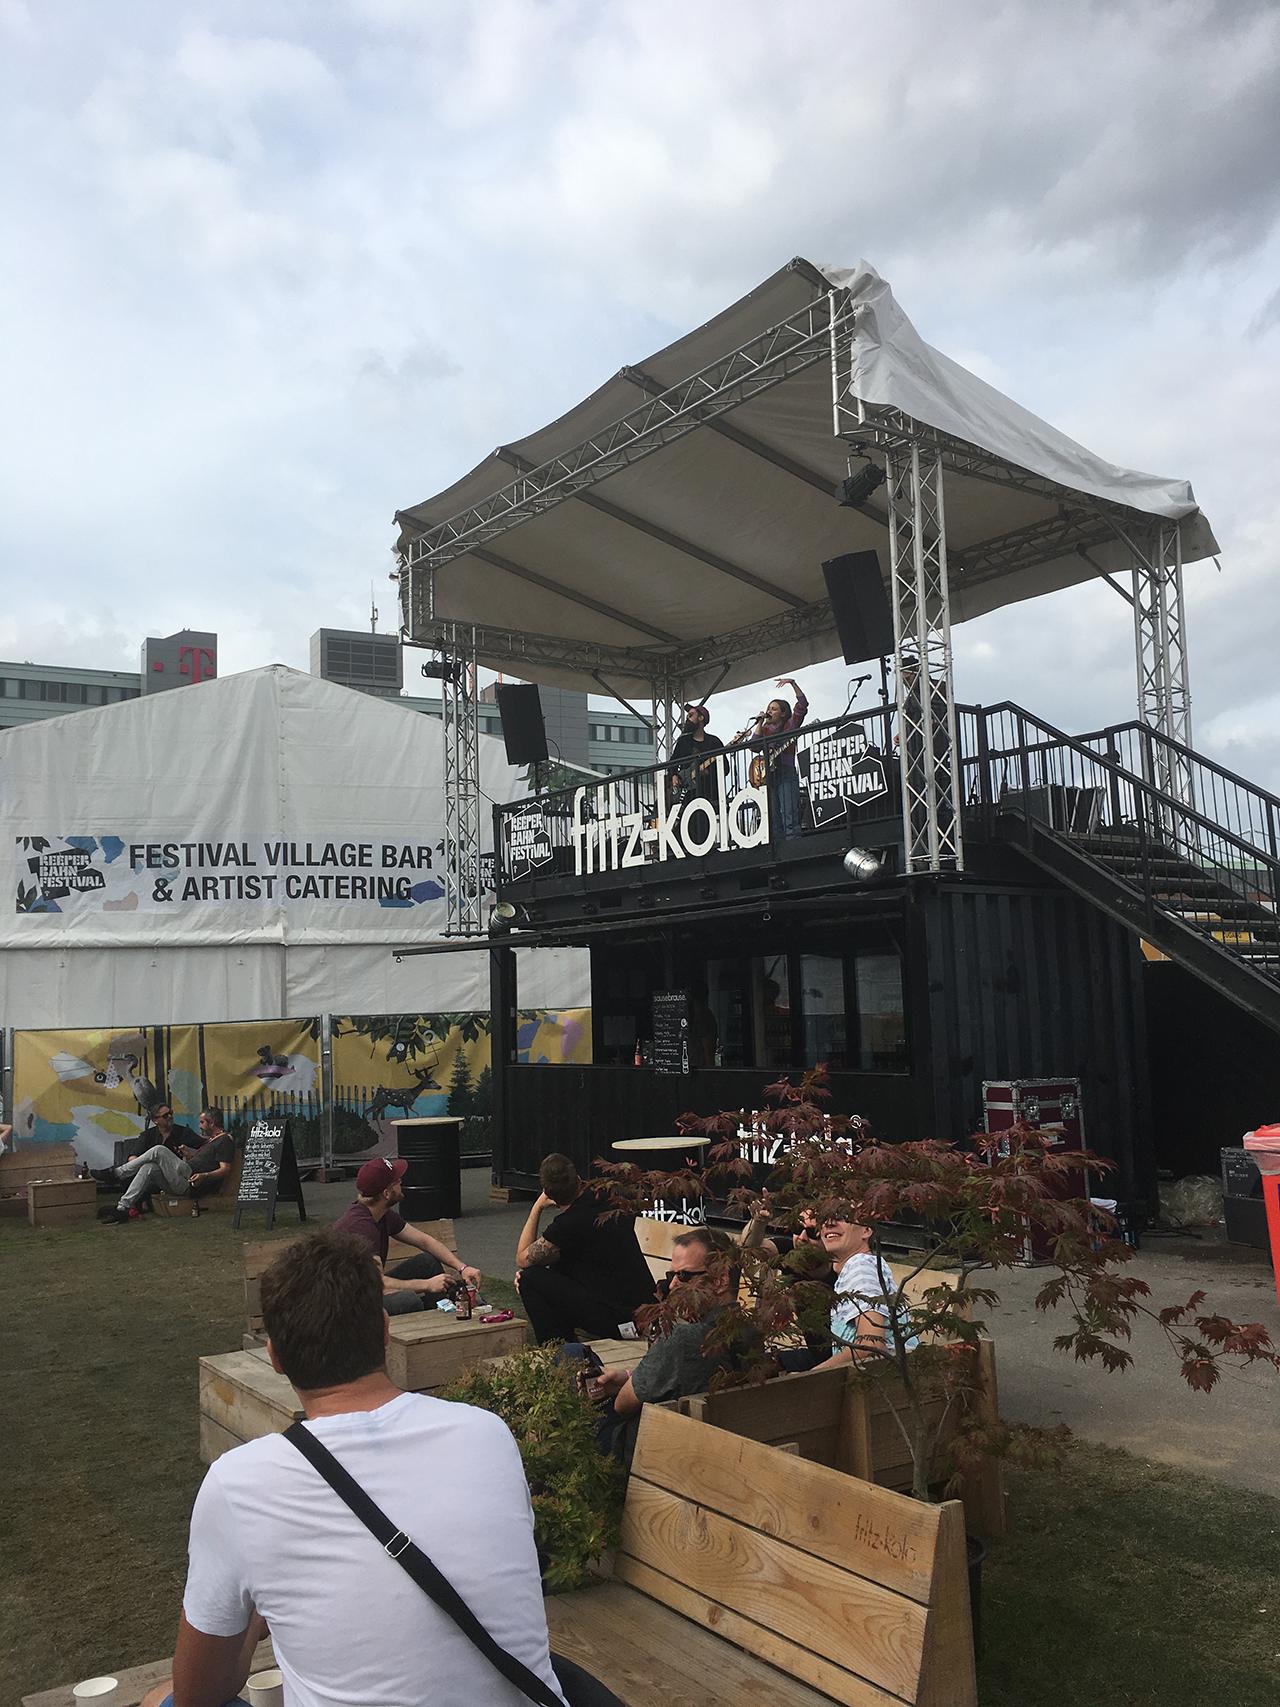 Feierwerk_Blog_Kultur_Reeperbahn_Festival_Fritz_Bühne